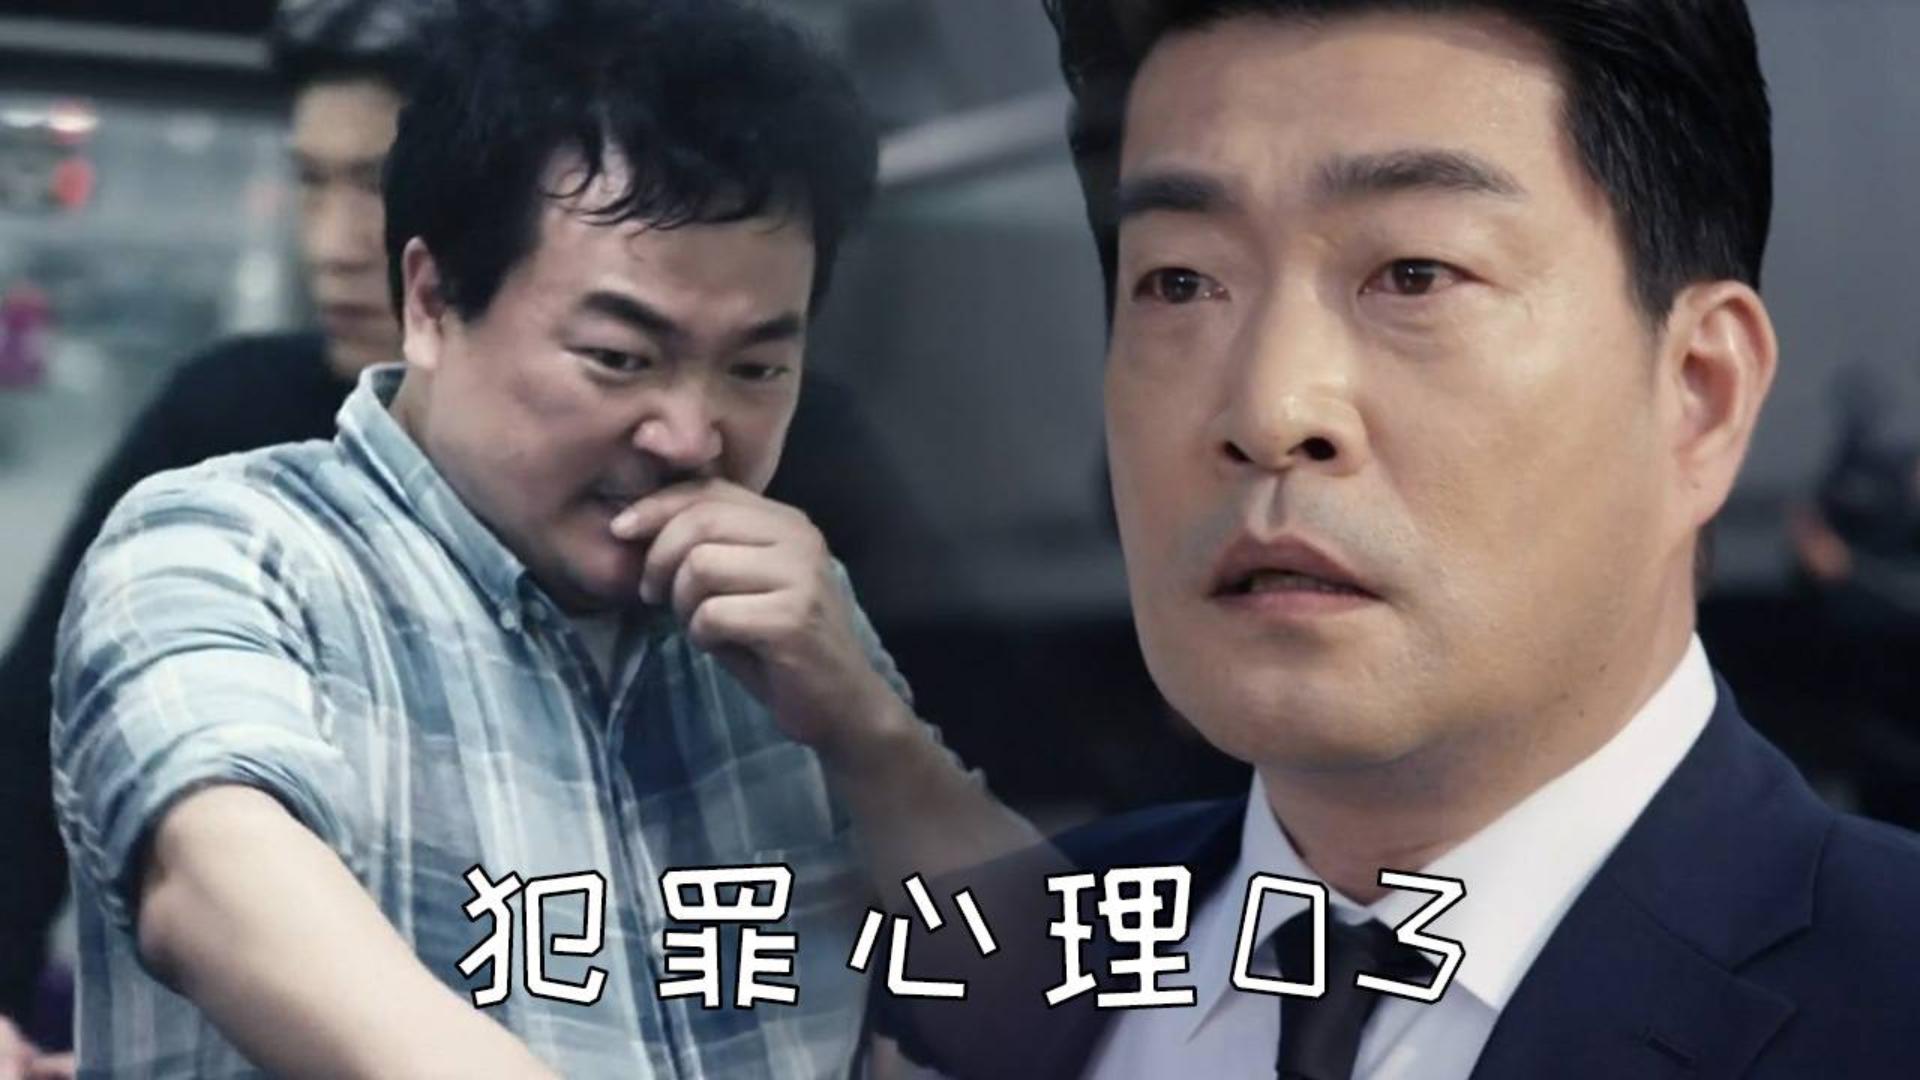 """韩剧《犯罪心理》:连环杀人犯""""开膛手"""",销声匿迹后再次出现!"""